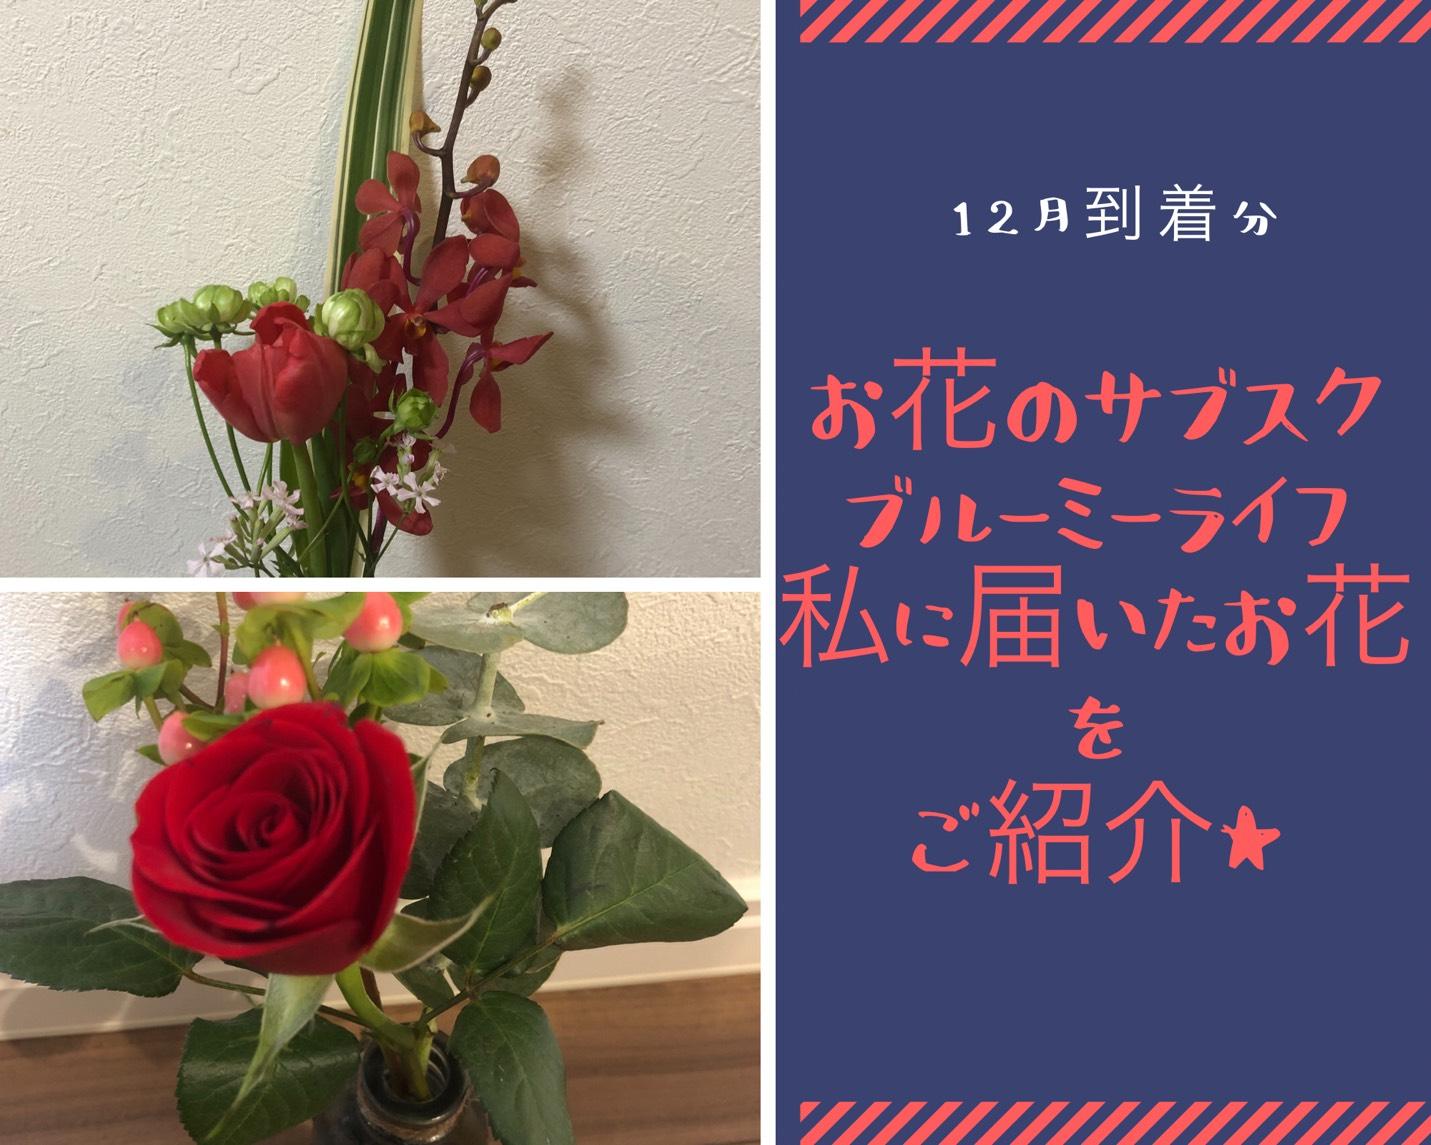 お花のサブスクブルーミーライフ私に届いたお花をご紹介★12月分